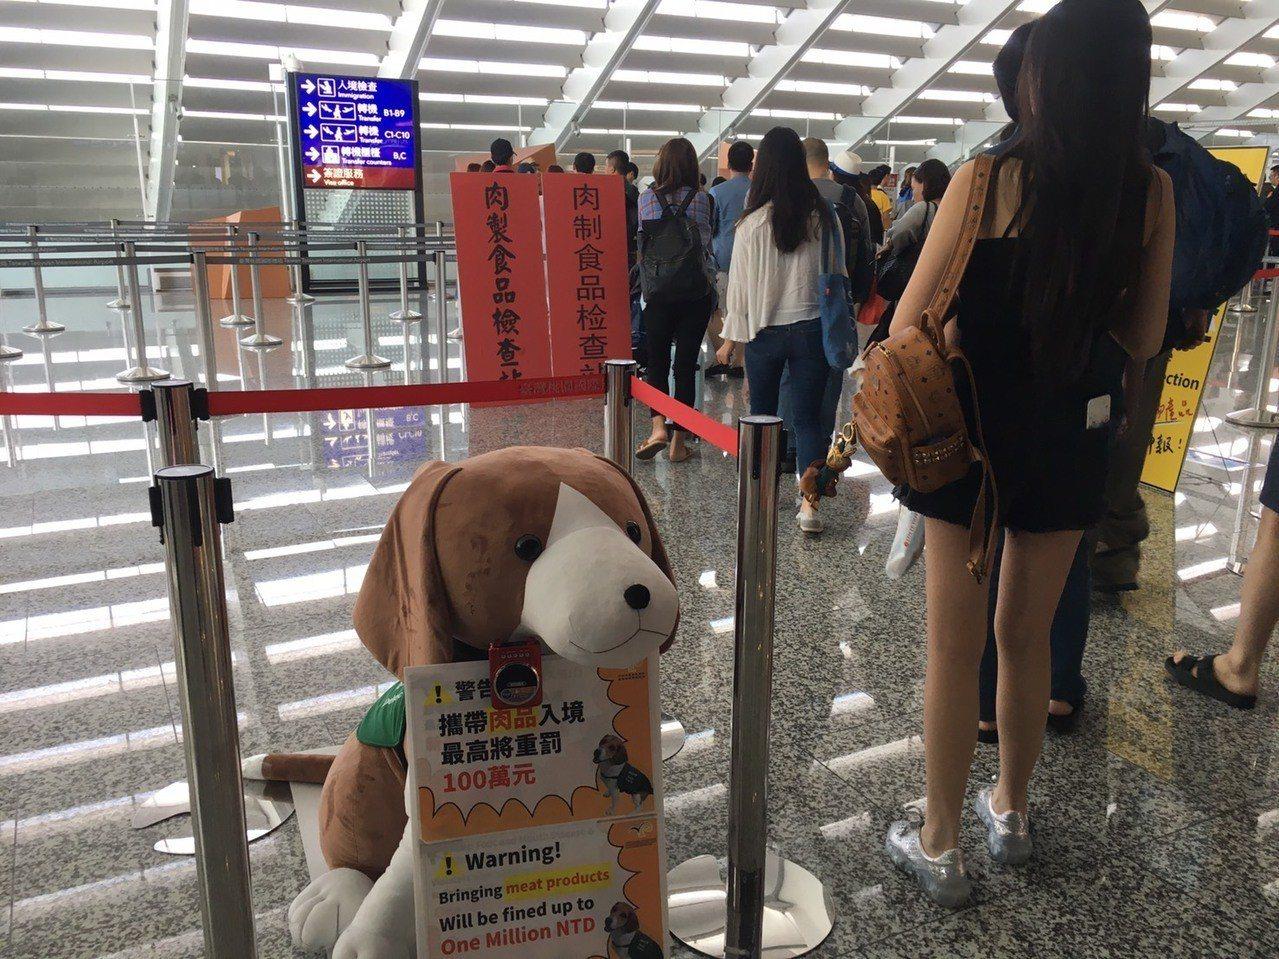 6月21日零時起,旅客自寮國違規輸入豬肉製品將裁處新台幣20萬元。本報資料照片